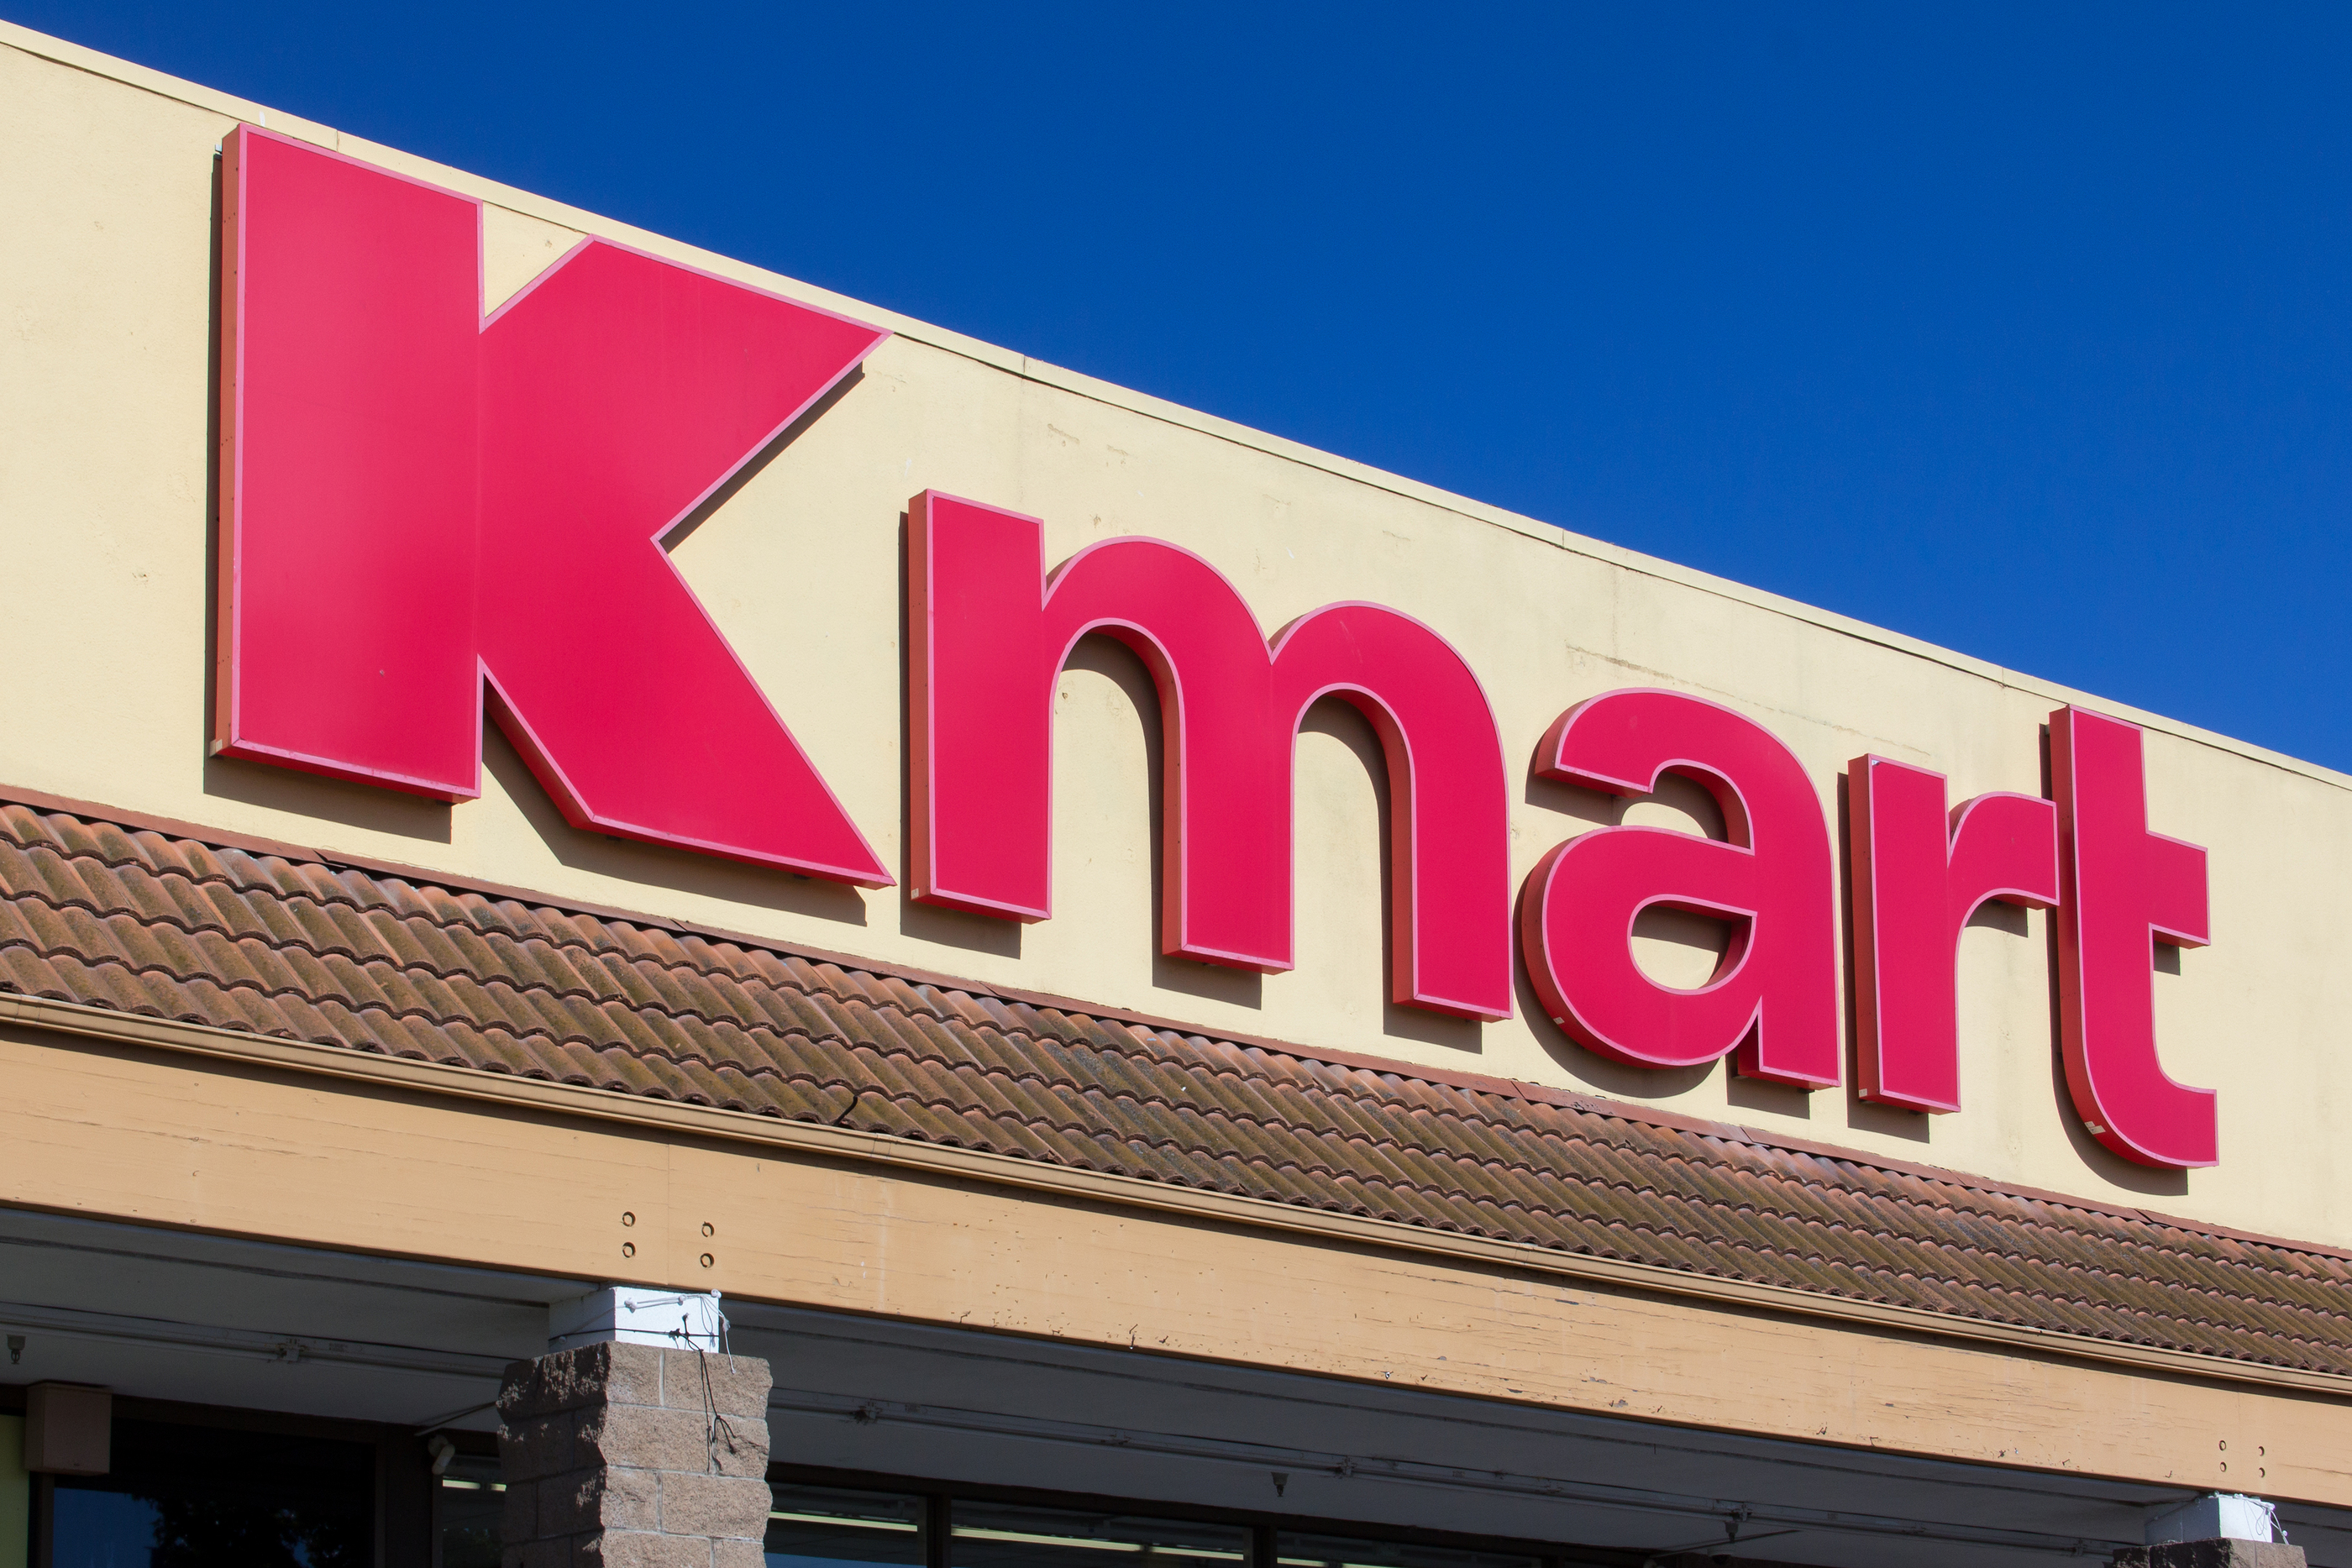 Kmart Liquidation Sale